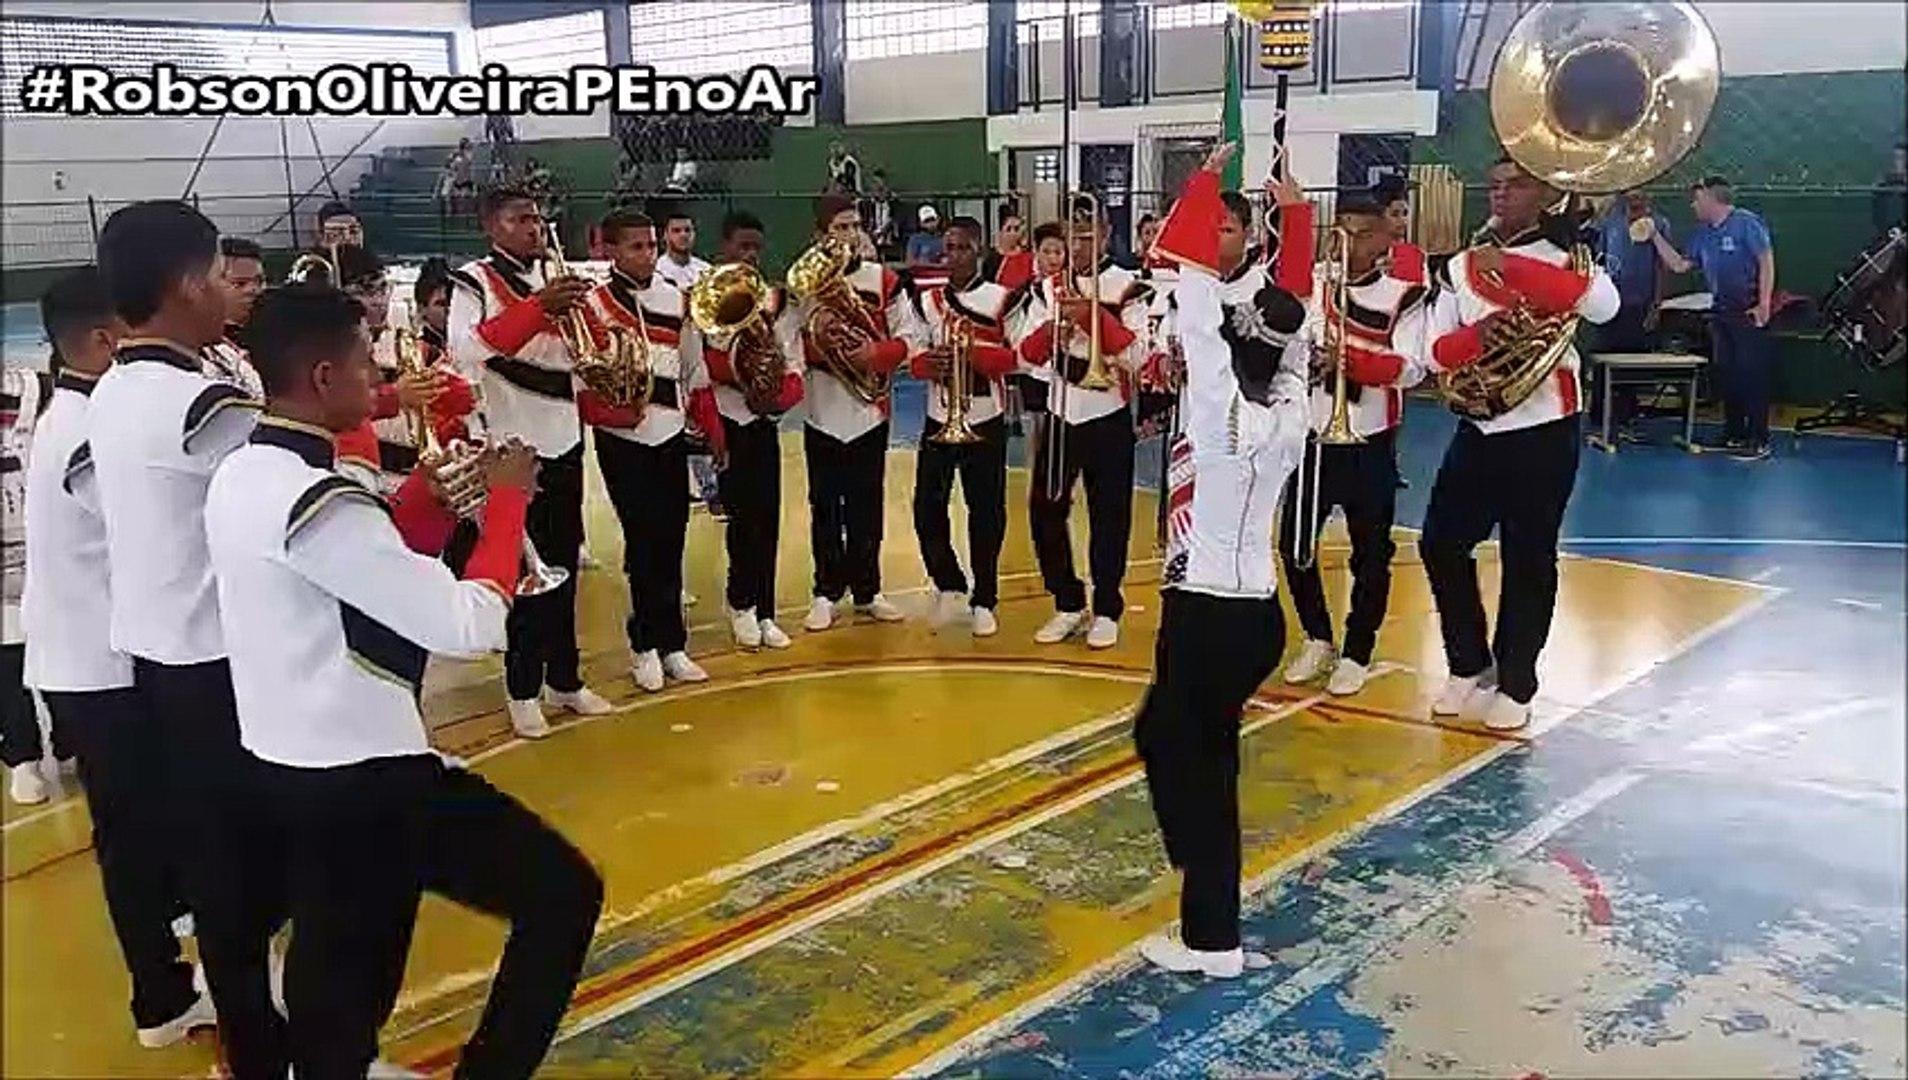 VI COPA NACIONAL DE CAMPEÃS BANDA MARCIAL INFANTIL PAULO LEIVAS MACALÃO-PE